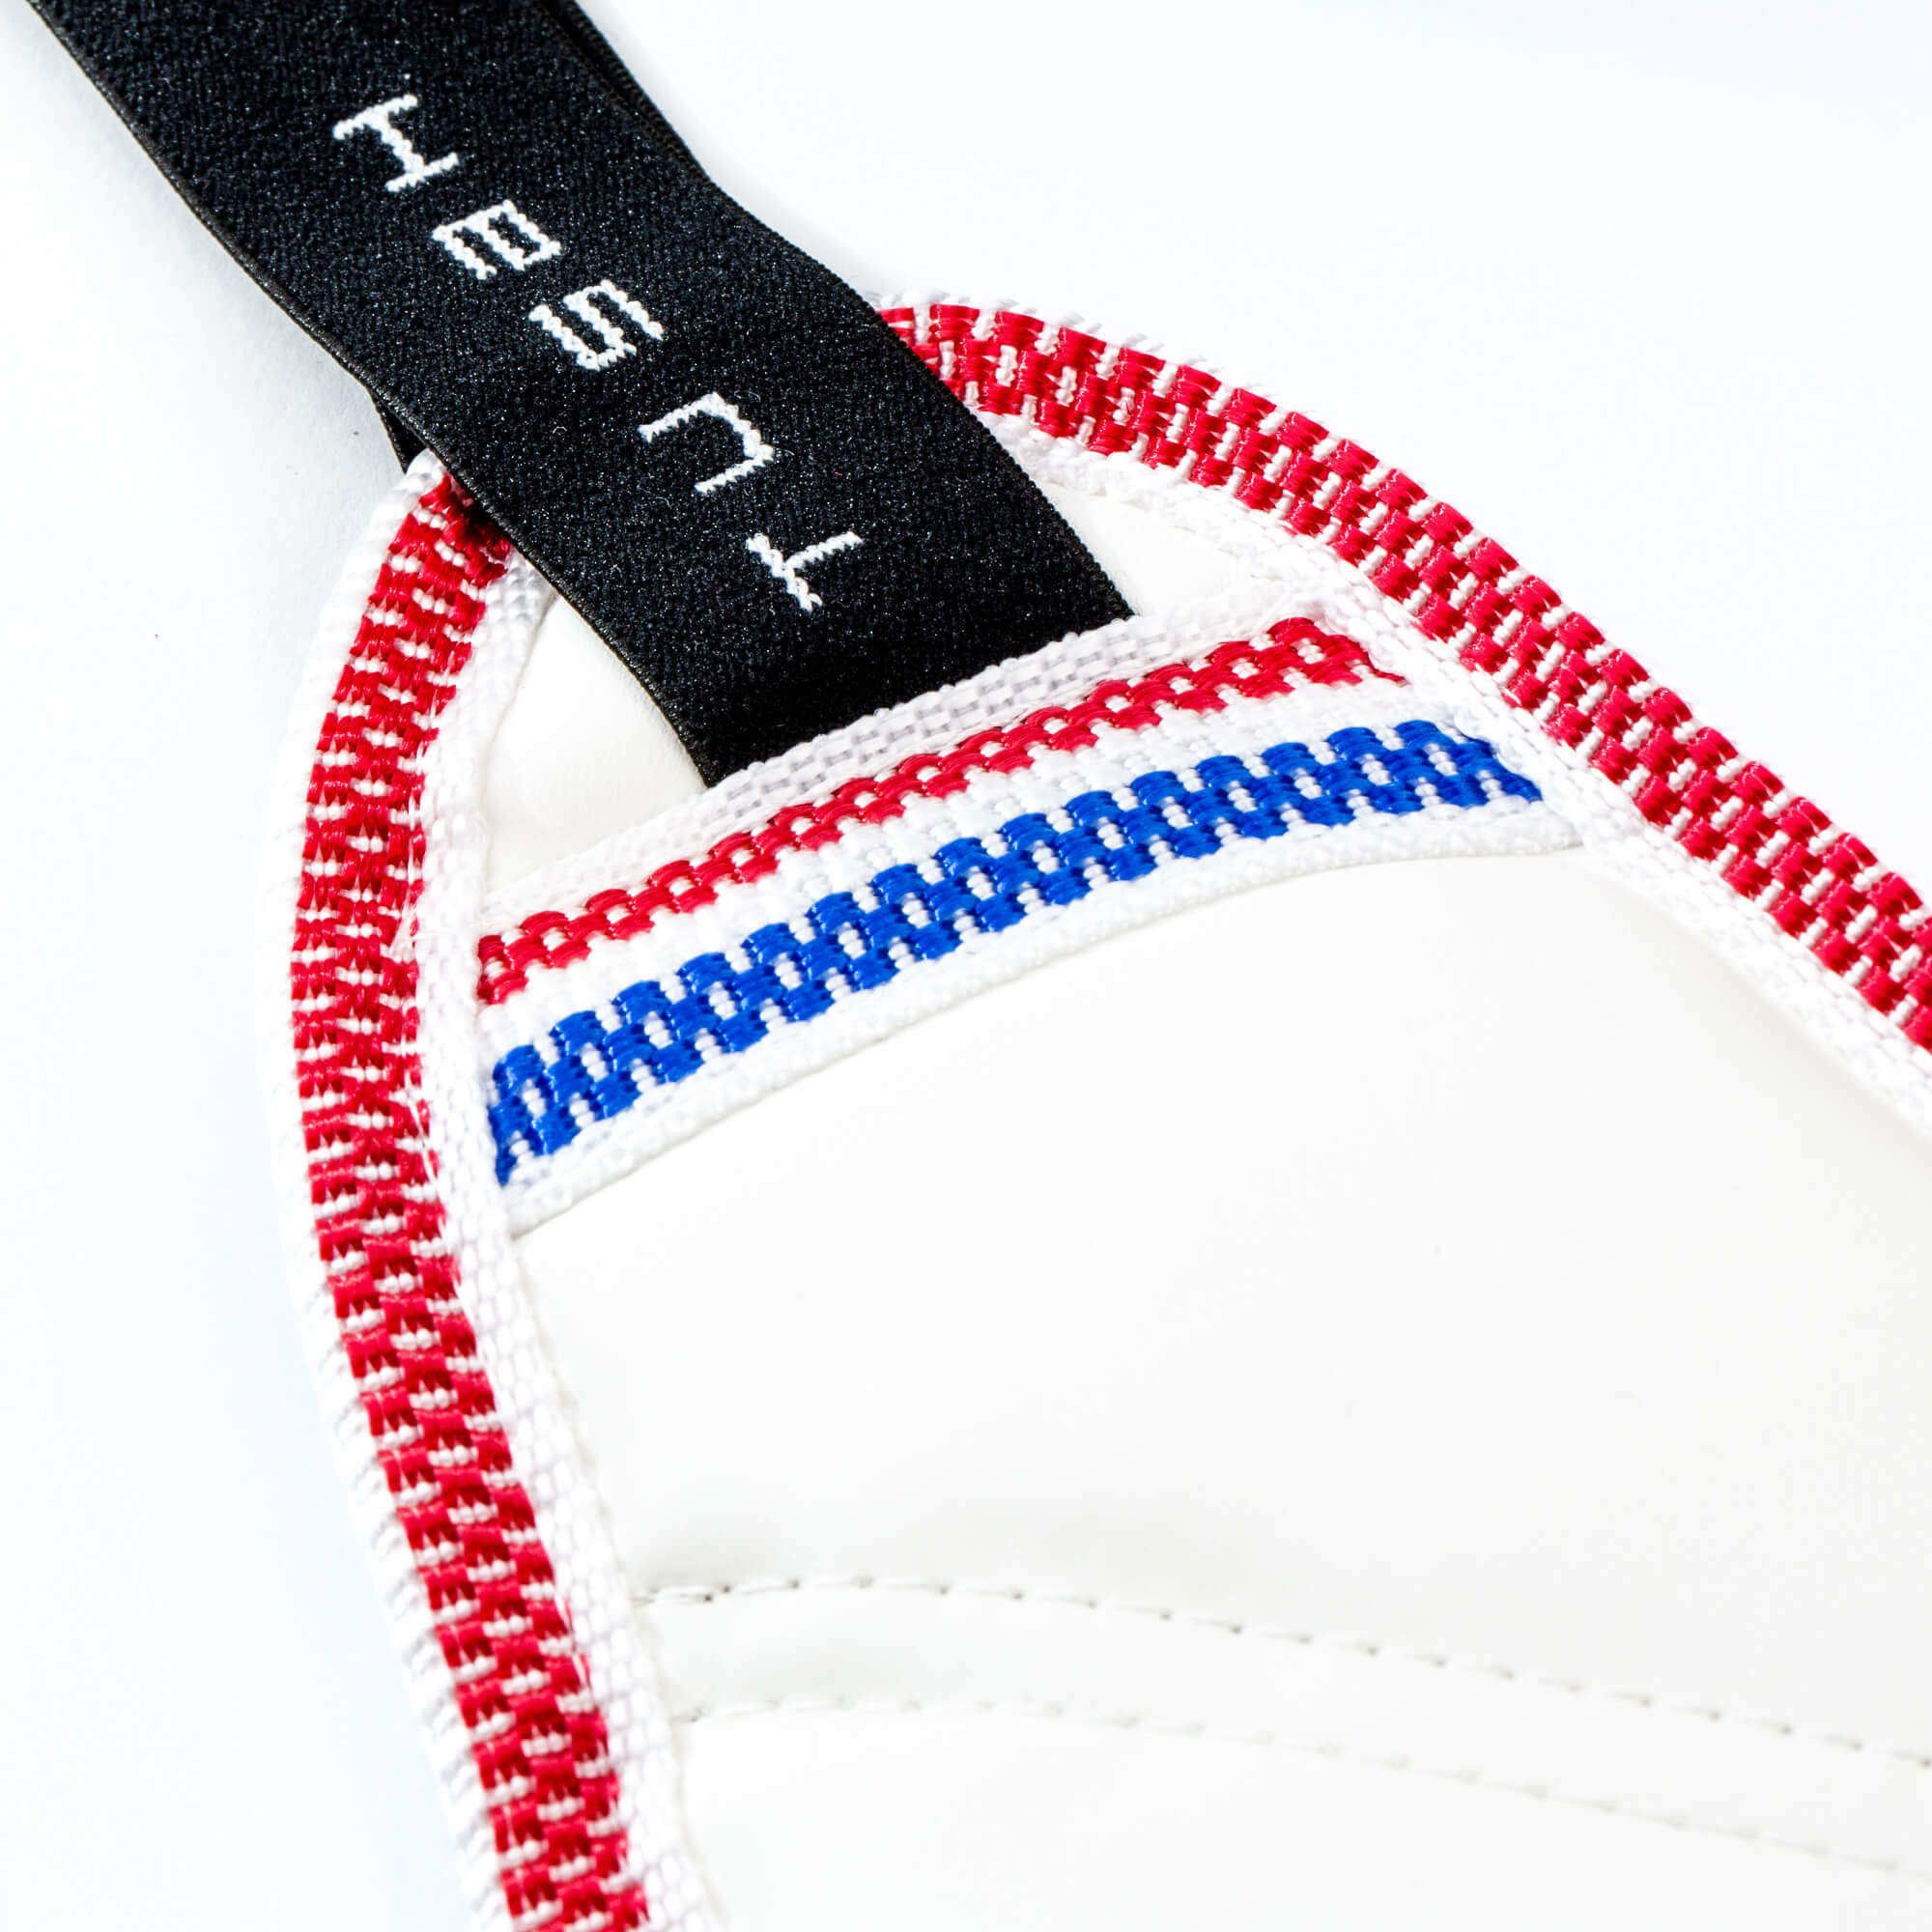 Corpetto Corazza Reversibile Tusah per Taekwondo Omologato WT WTF per competizioni e allenamenti